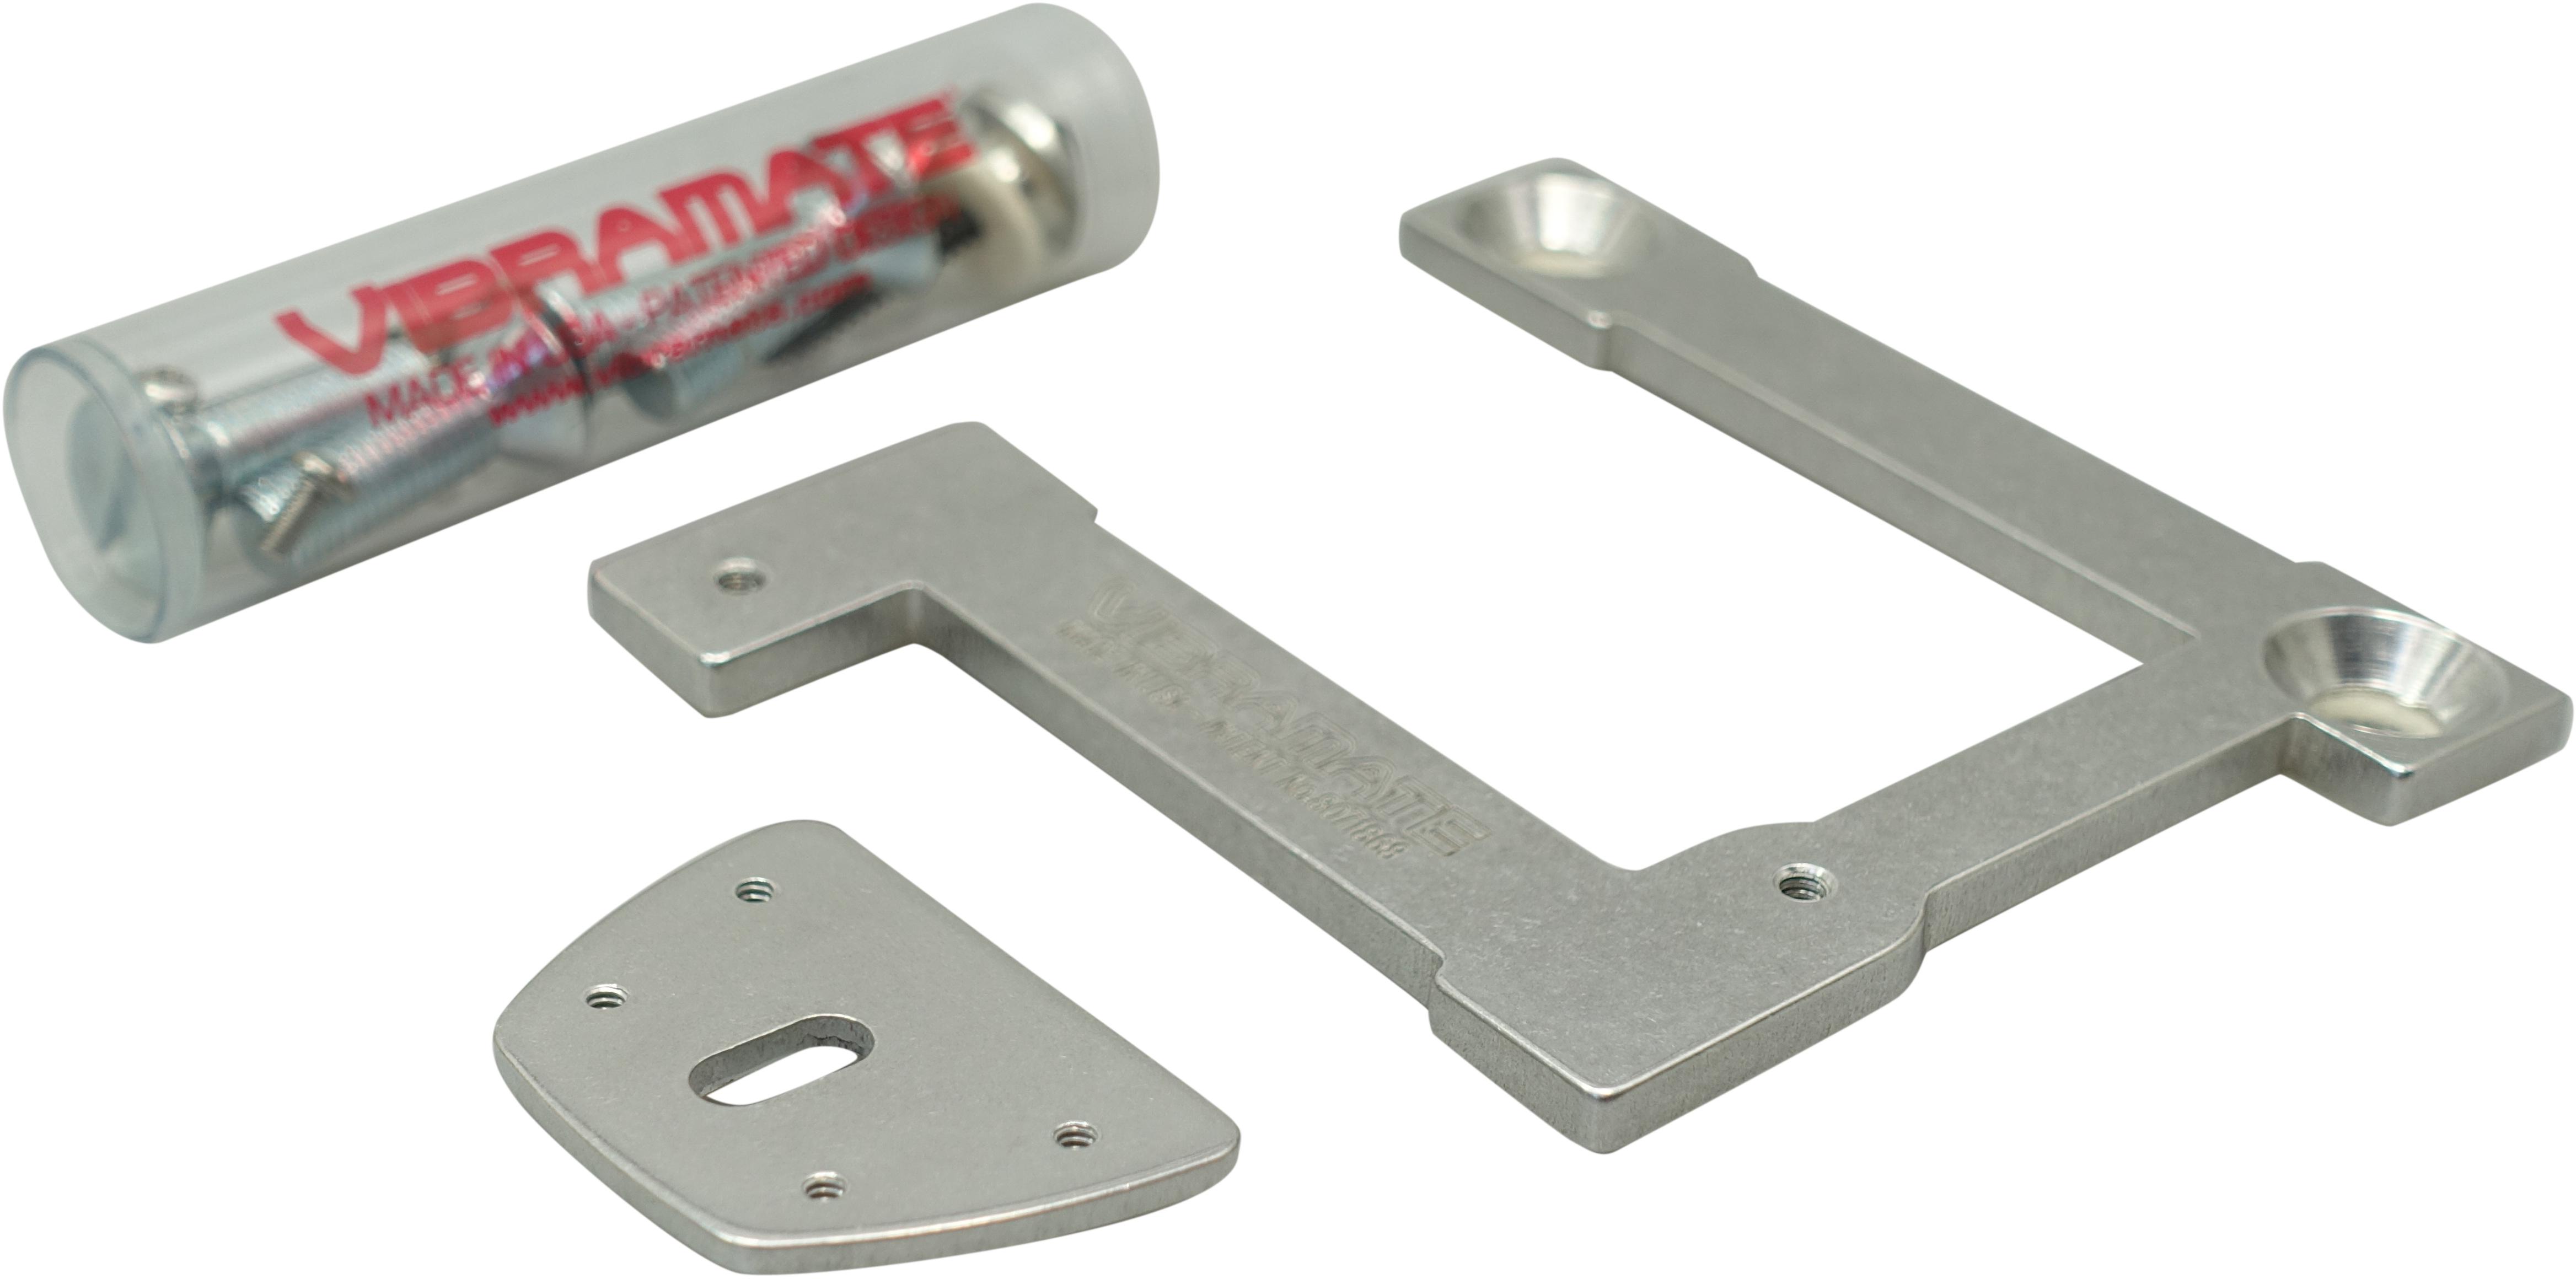 Vibramate V7-335-G